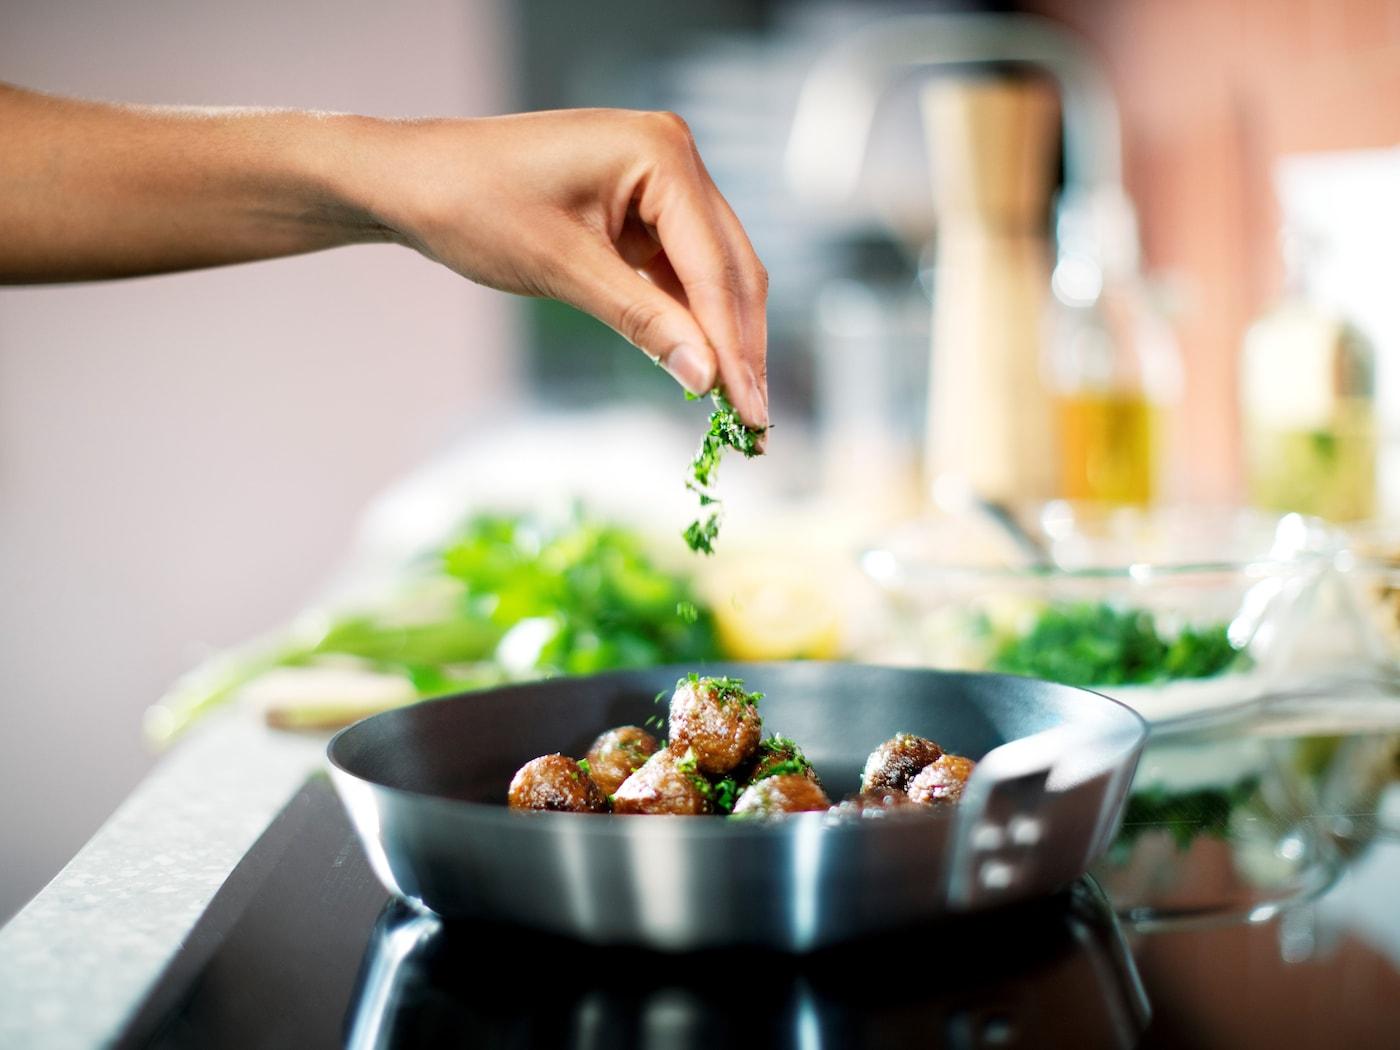 Una mano sazona las albóndigas de proteína vegetal HUVUDROLL en una sartén IKEA 365+.